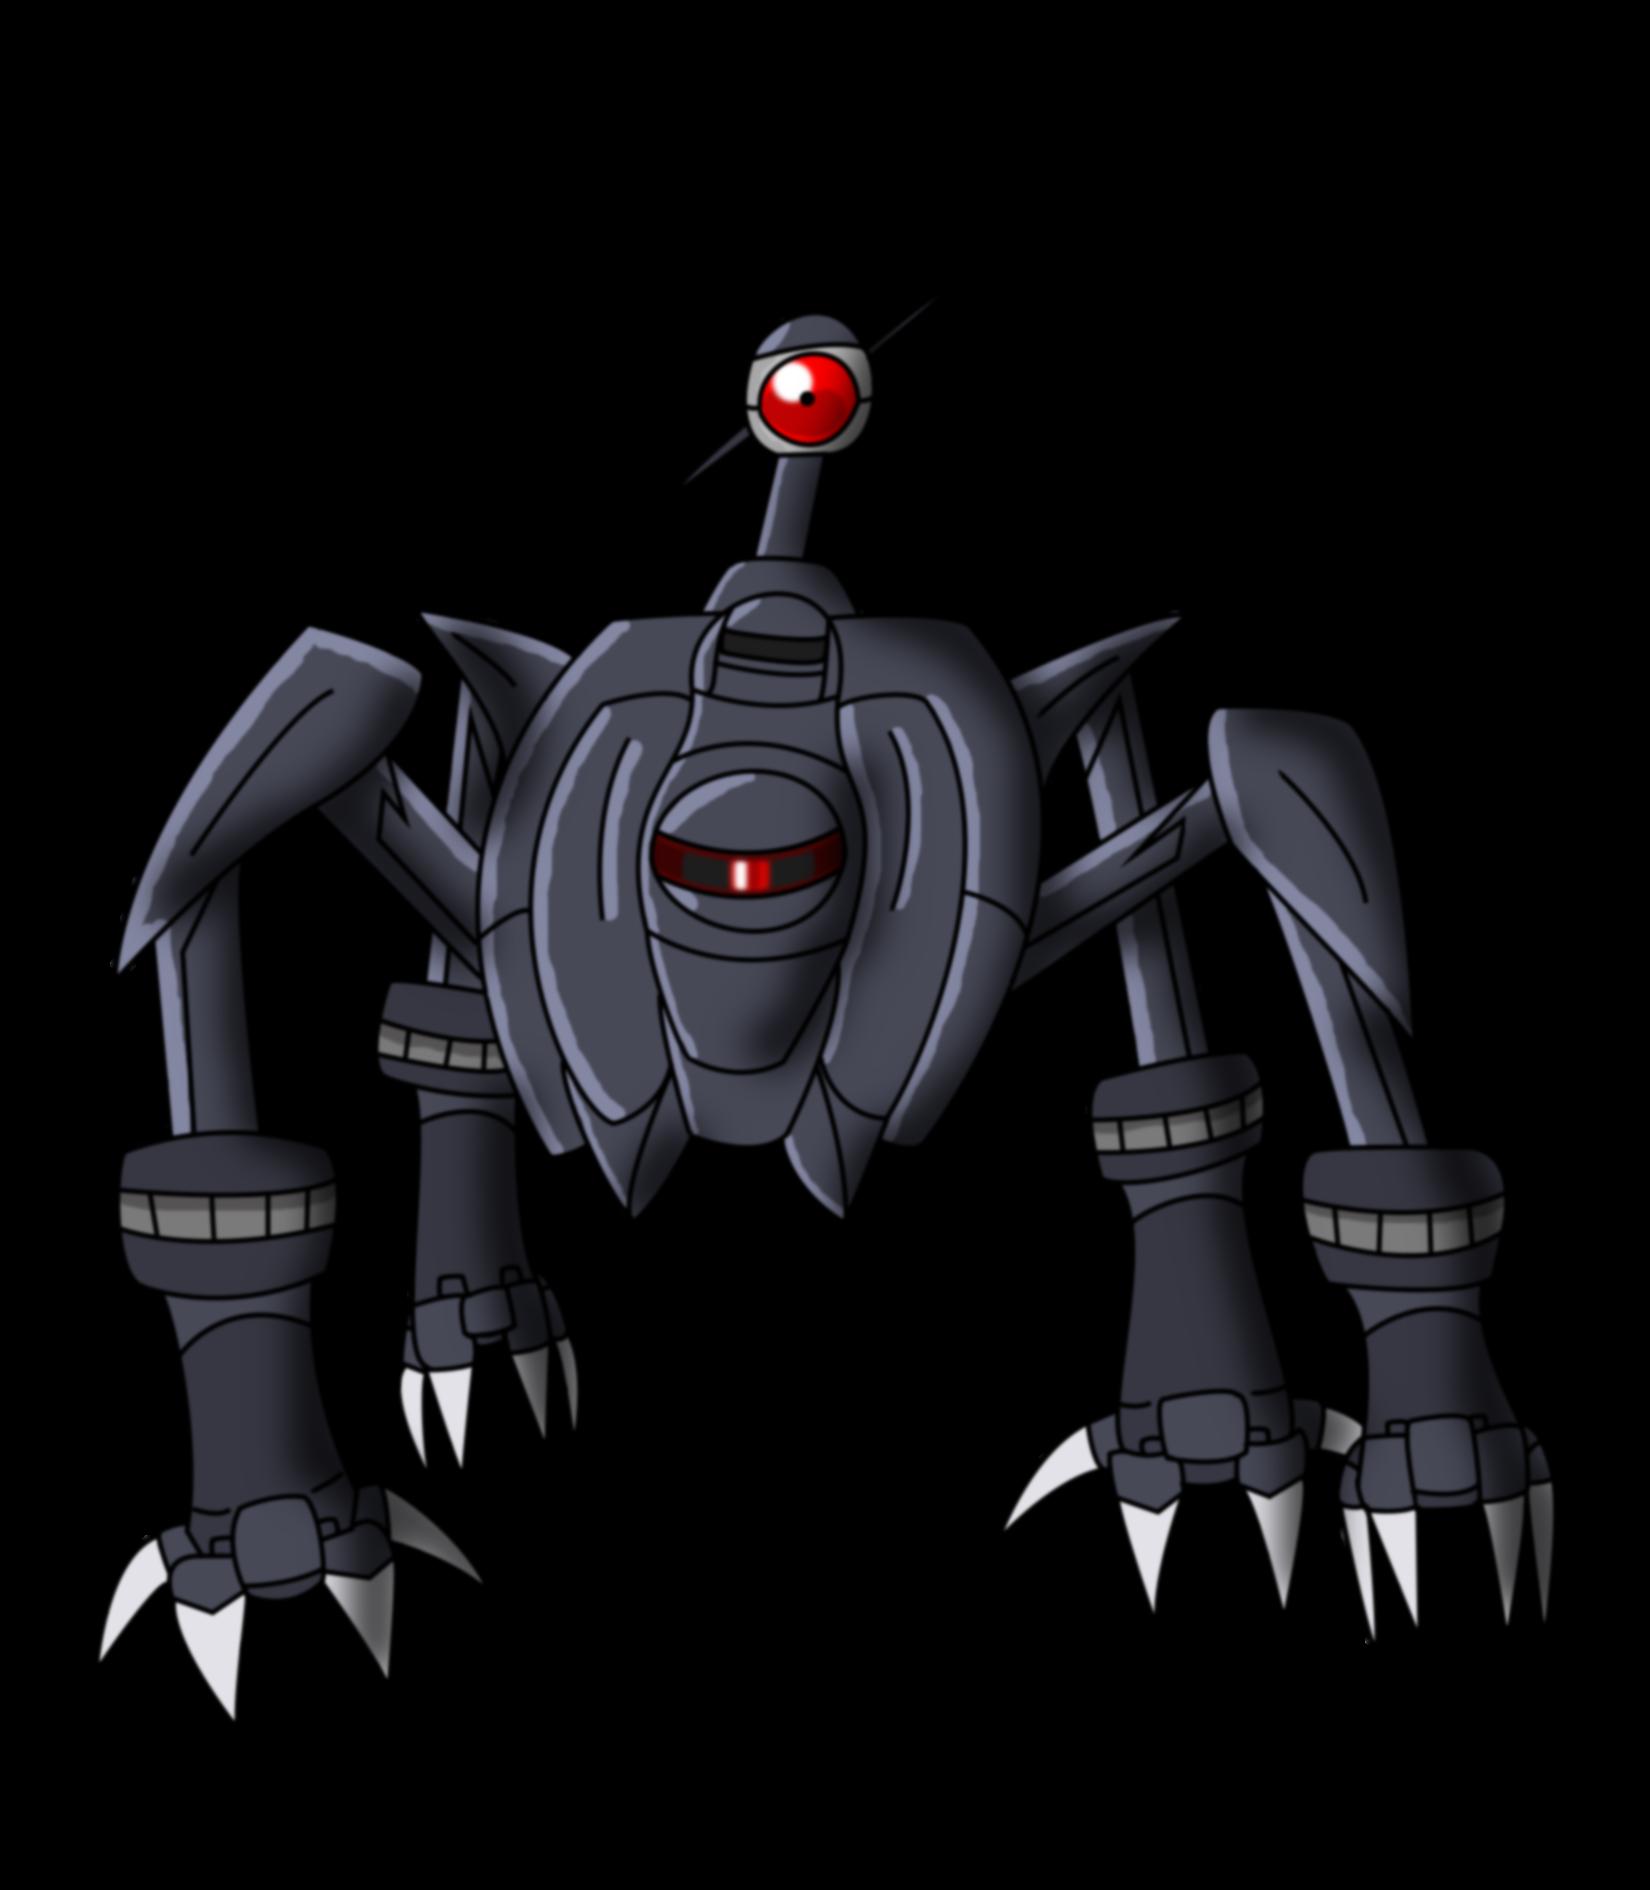 Bringer of End: Omega